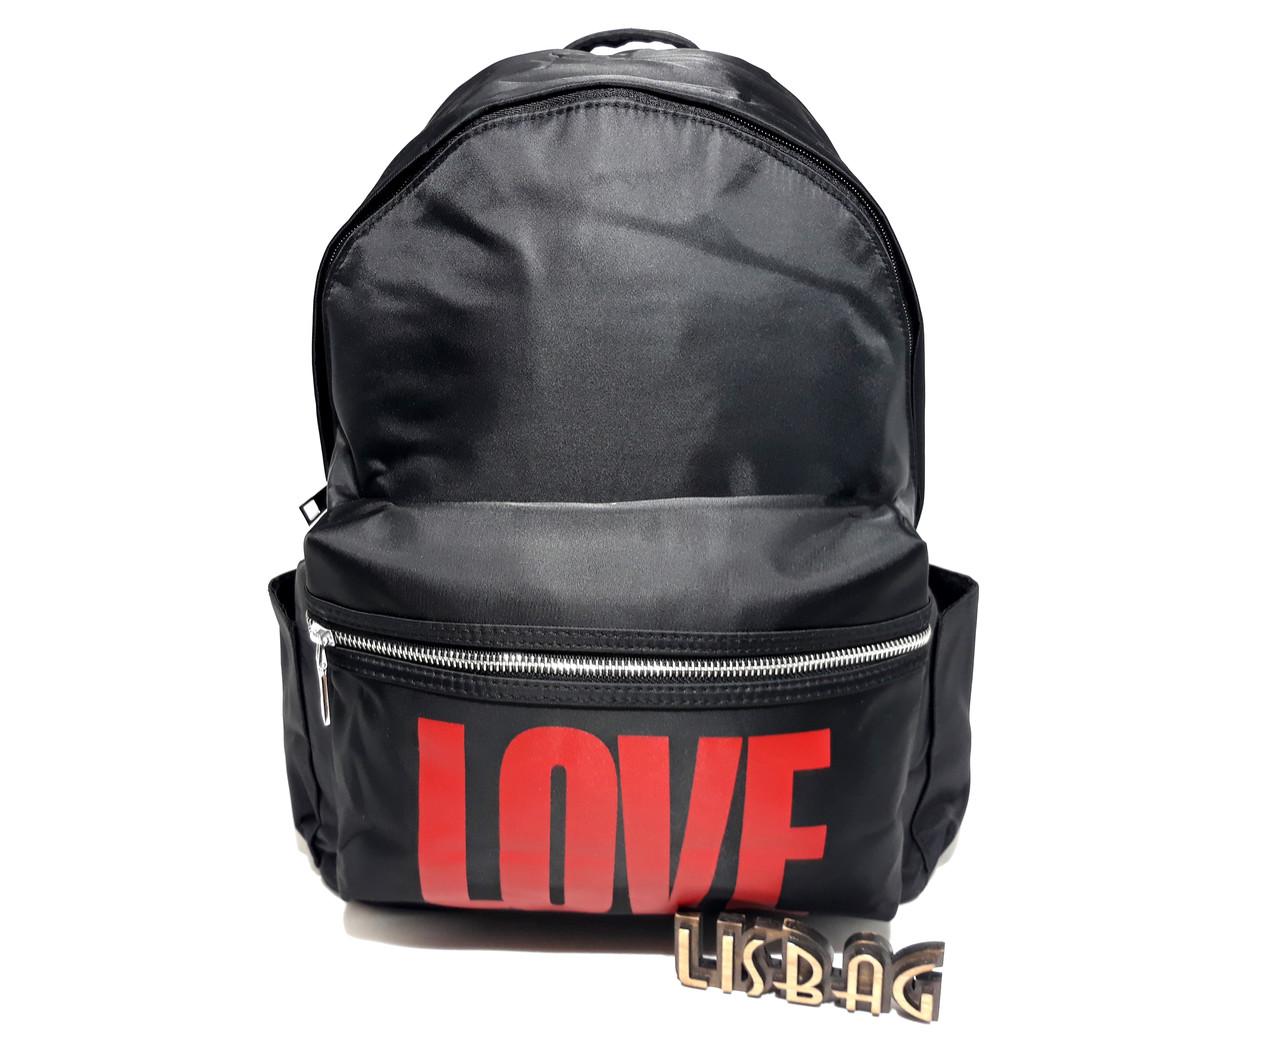 25e9c07e8dfc Женский стильный женский рюкзак Love черного цвета, вместительный ...